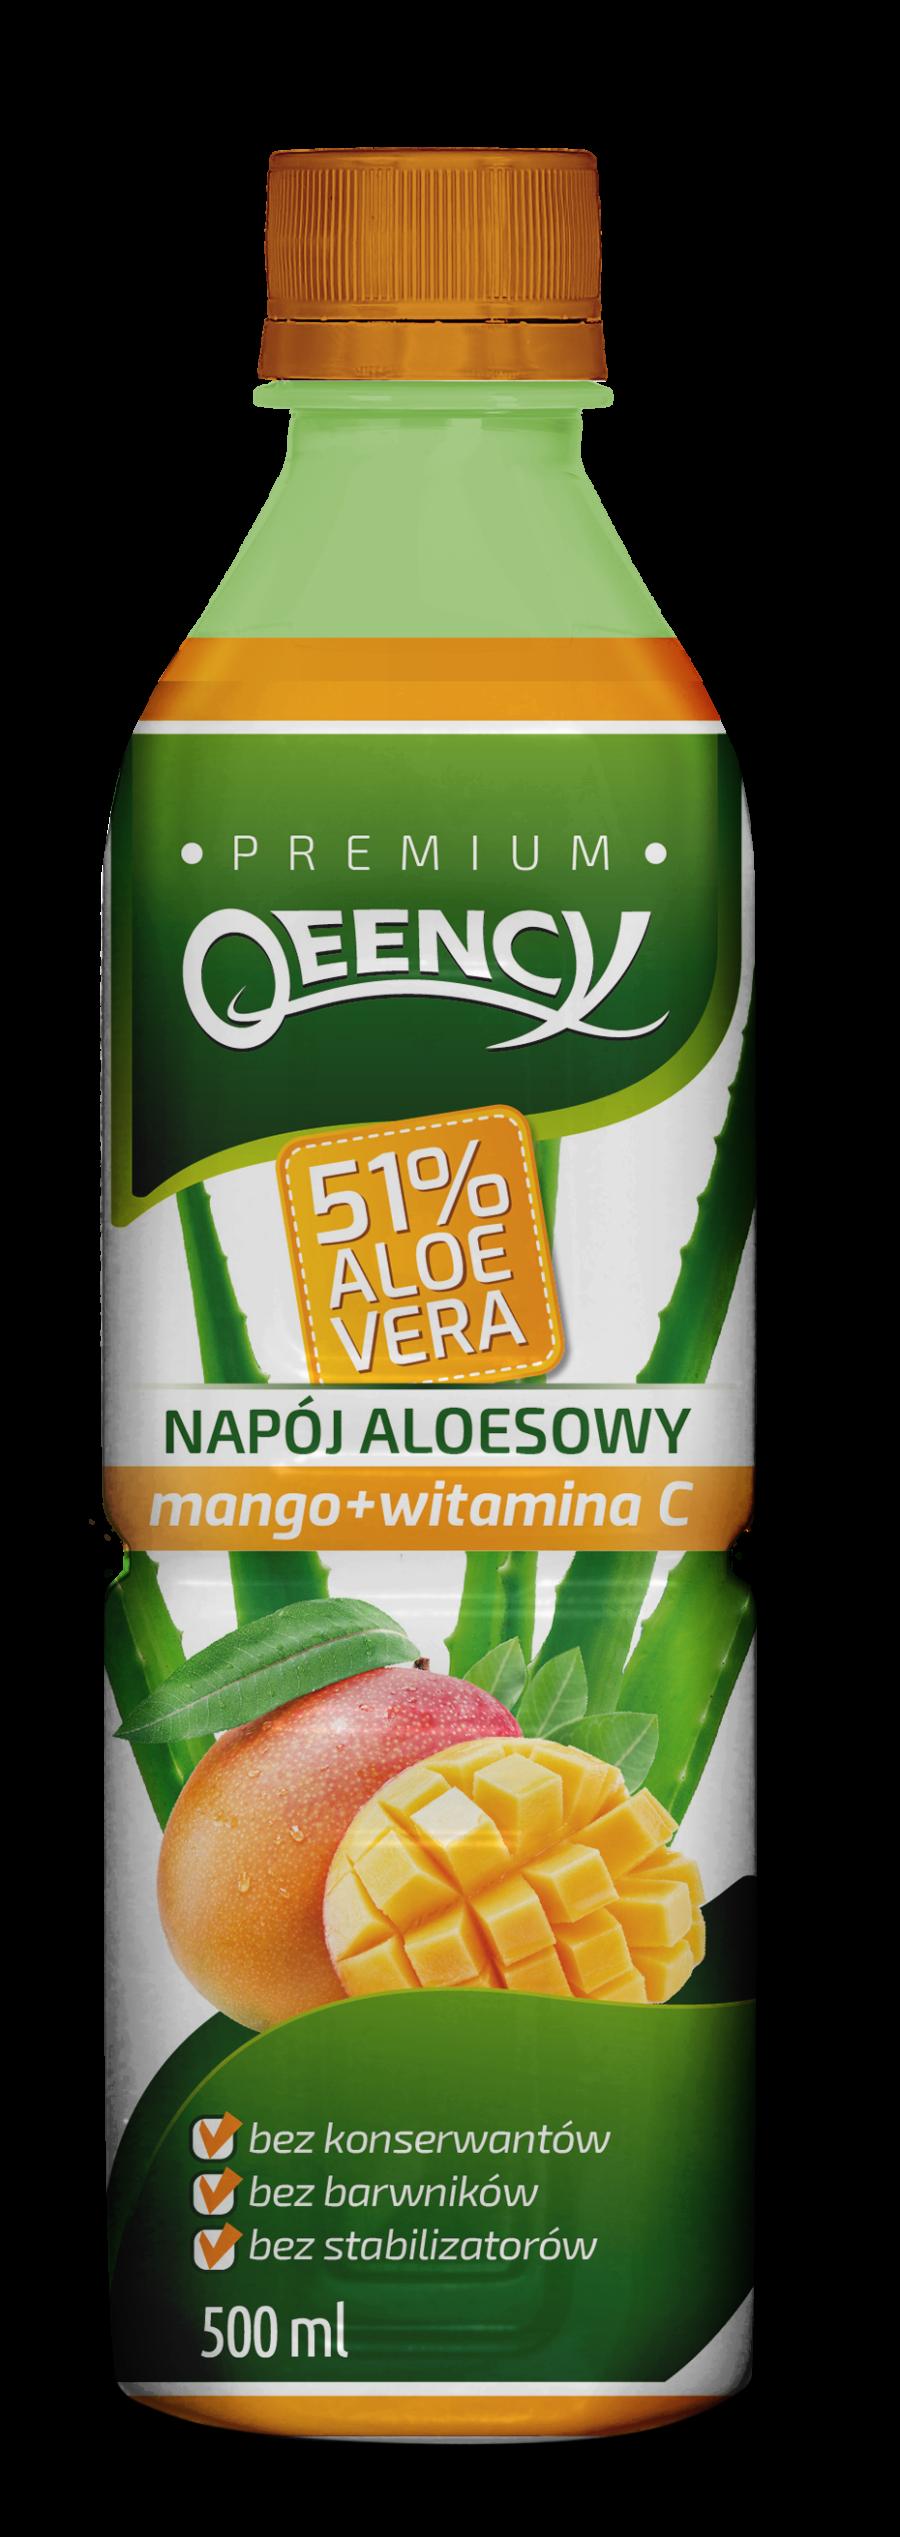 napoj aloesowy mango qeency